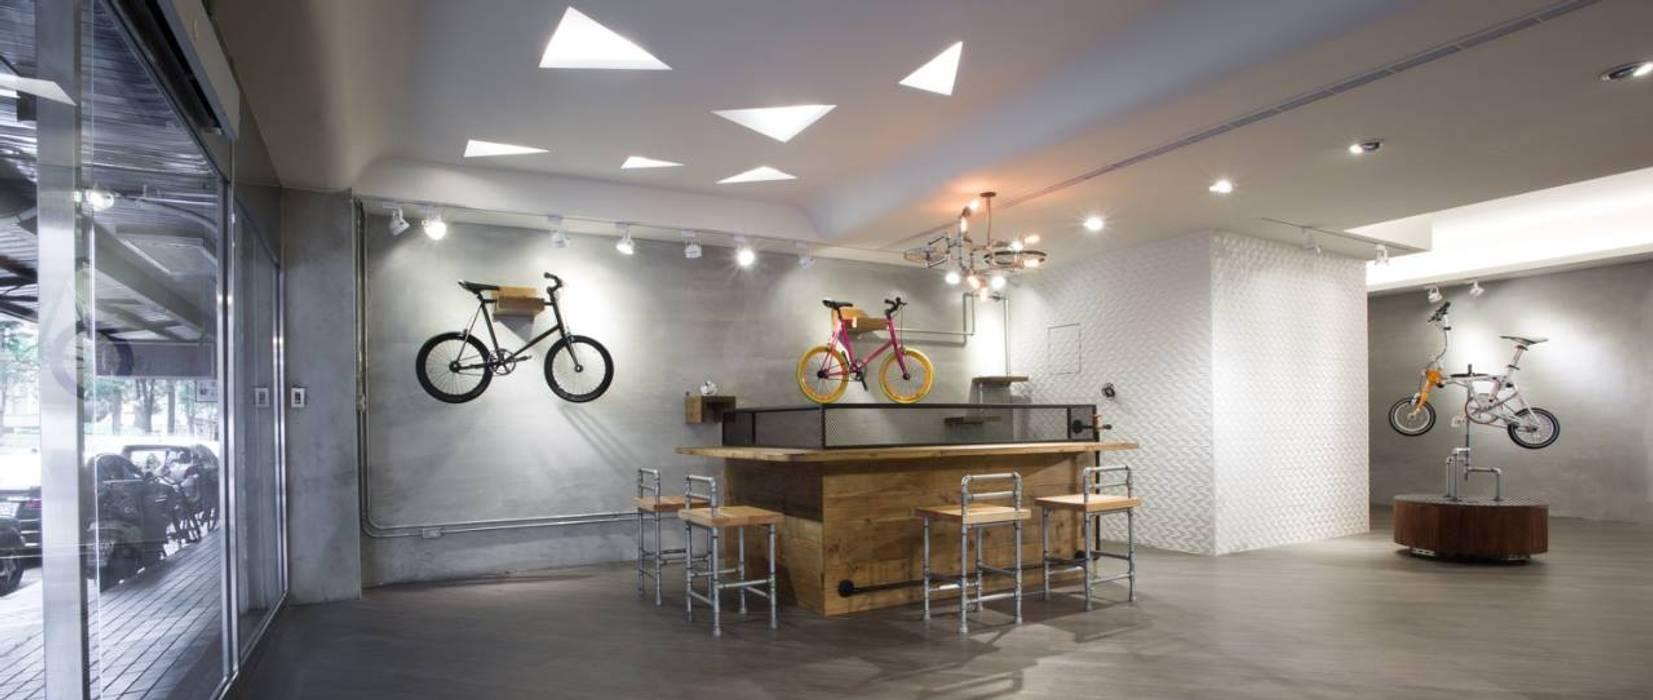 【採用原有磚牆牆面或保留灰色牆面】:  辦公室&店面 by 衍相室內裝修設計有限公司